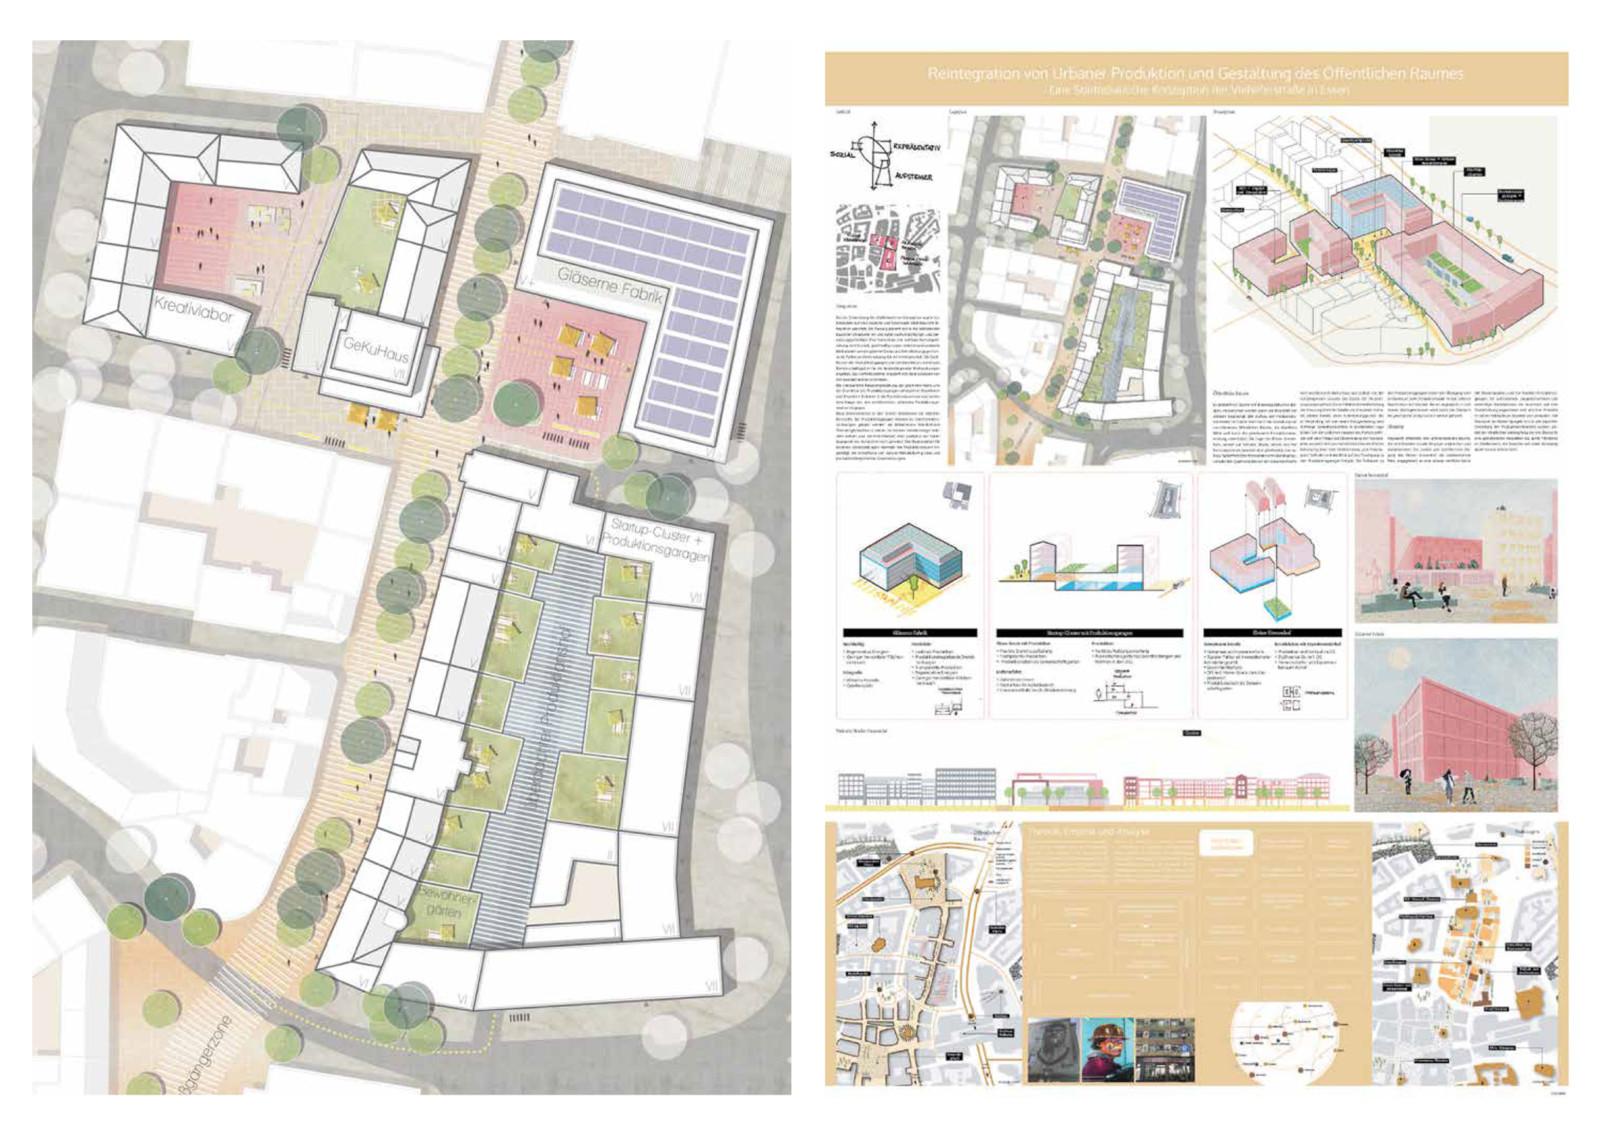 """BDA Förderpreis für Studierende, """"Reintegration von Urbaner Produktion und Gestaltung des Öffentlichen Raumes"""", Arbeit von Preisträgerin Laura Jackowski"""